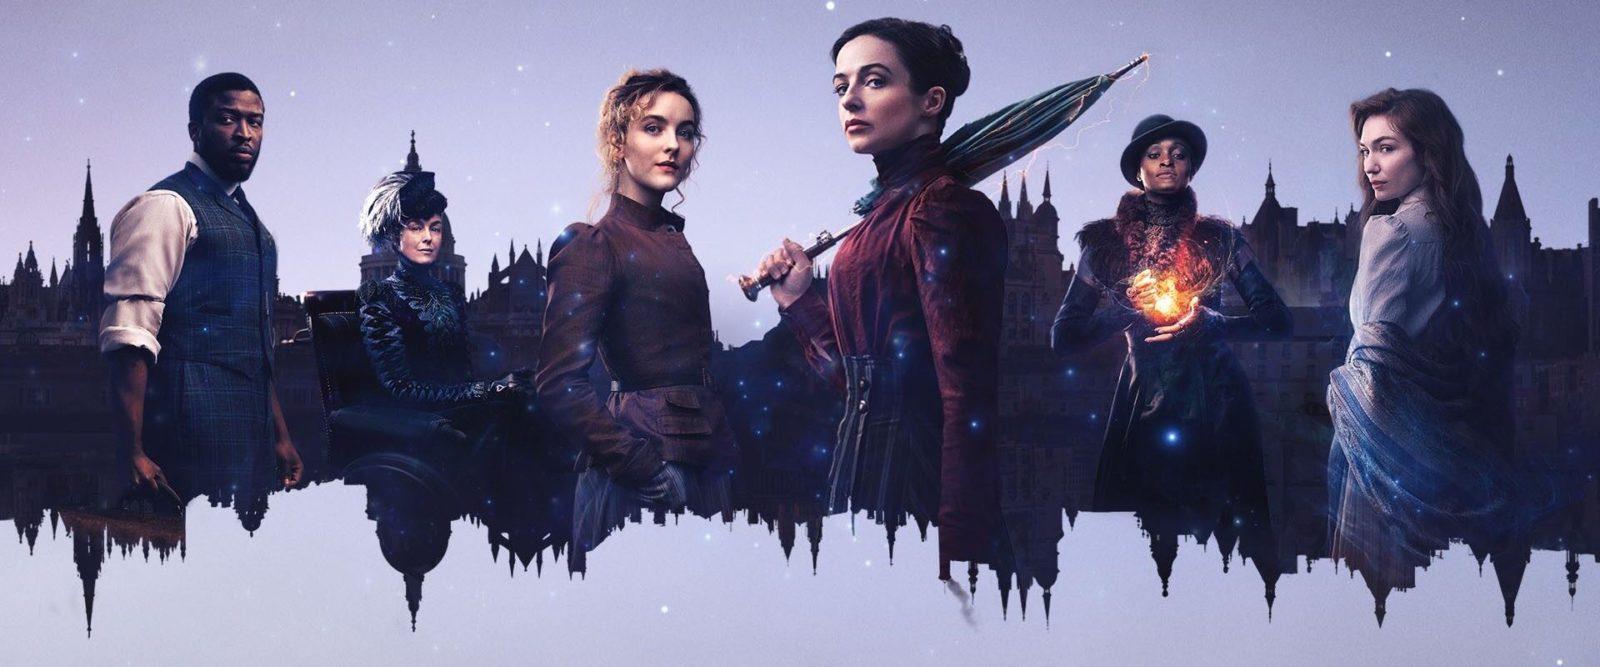 «Невероятные» стали лучшим новым сериалом на HBO Max